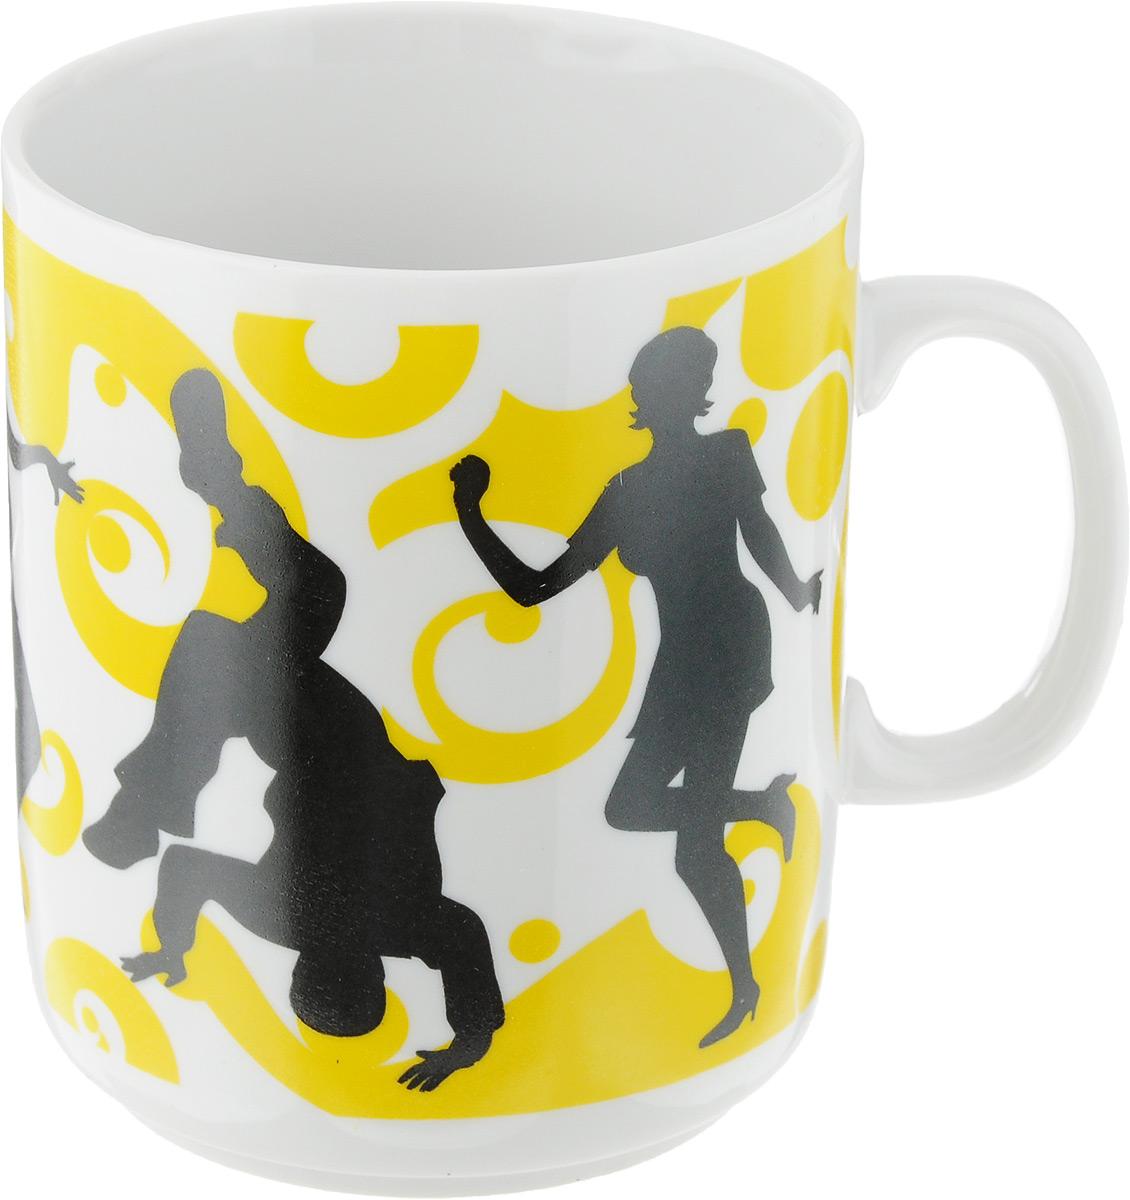 Кружка Фарфор Вербилок Dance, цвет: желтый, белый, черный, 300 мл9272060_желтый, белый, черныйКружка Фарфор Вербилок Dance способна скрасить любое чаепитие. Изделие выполнено из высококачественного фарфора. Посуда из такого материала позволяет сохранить истинный вкус напитка, а также помогает ему дольше оставаться теплым.Диаметр по верхнему краю: 7,5 см.Высота кружки: 10 см.